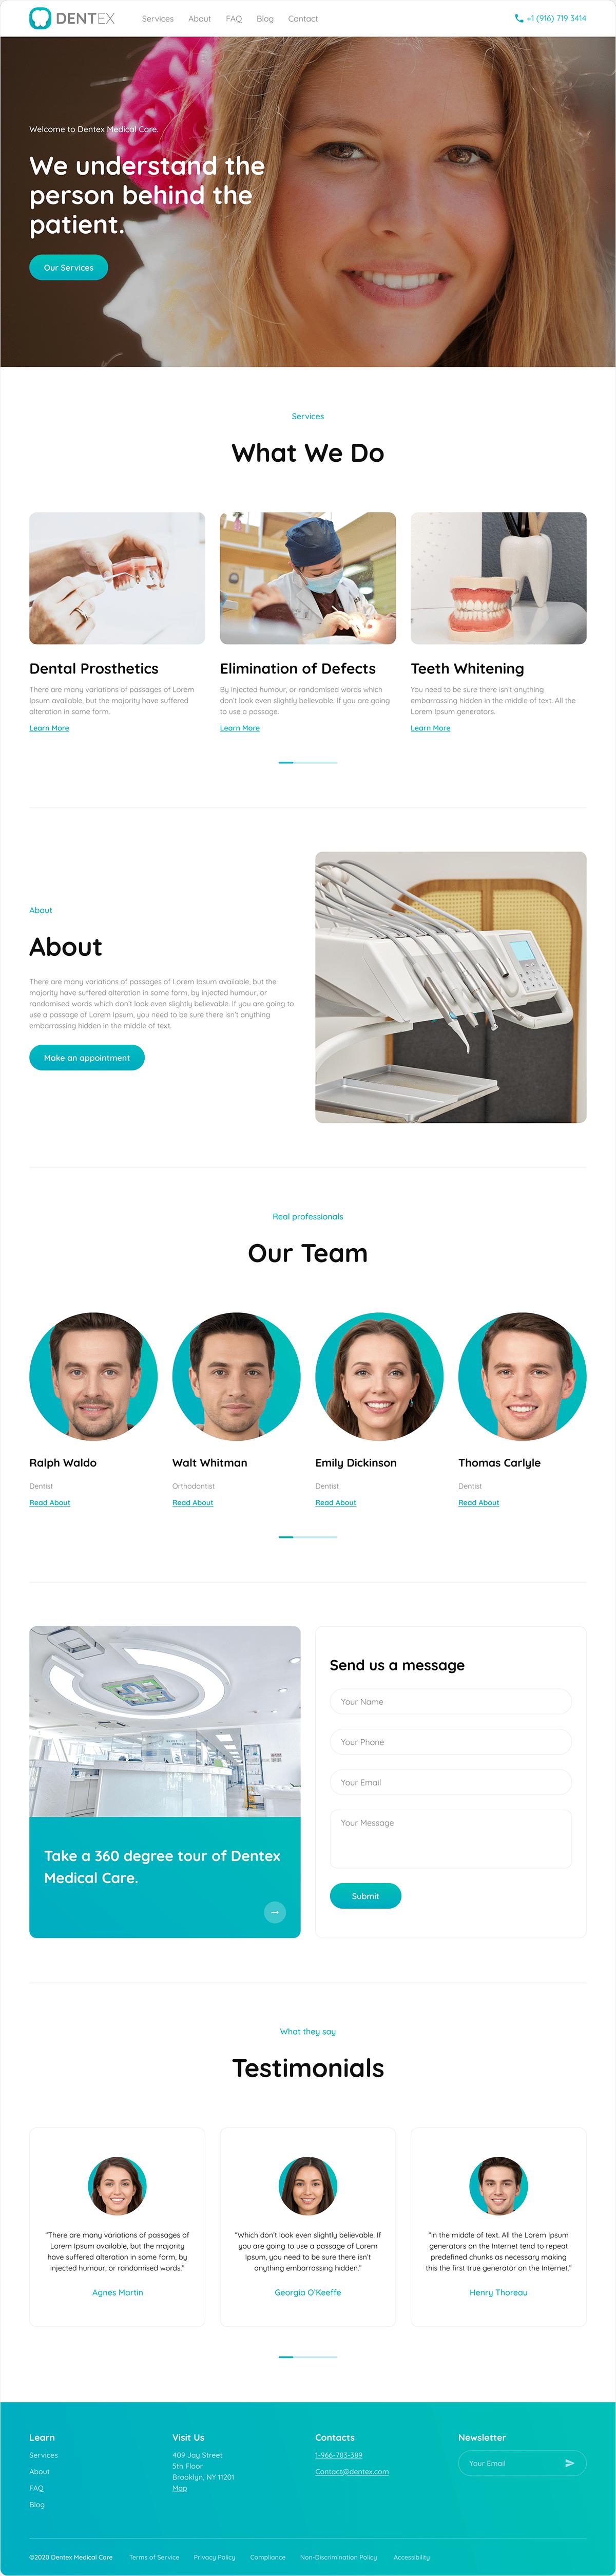 clean clinic dental dentist doctor Health landing page medical Medical Website modern